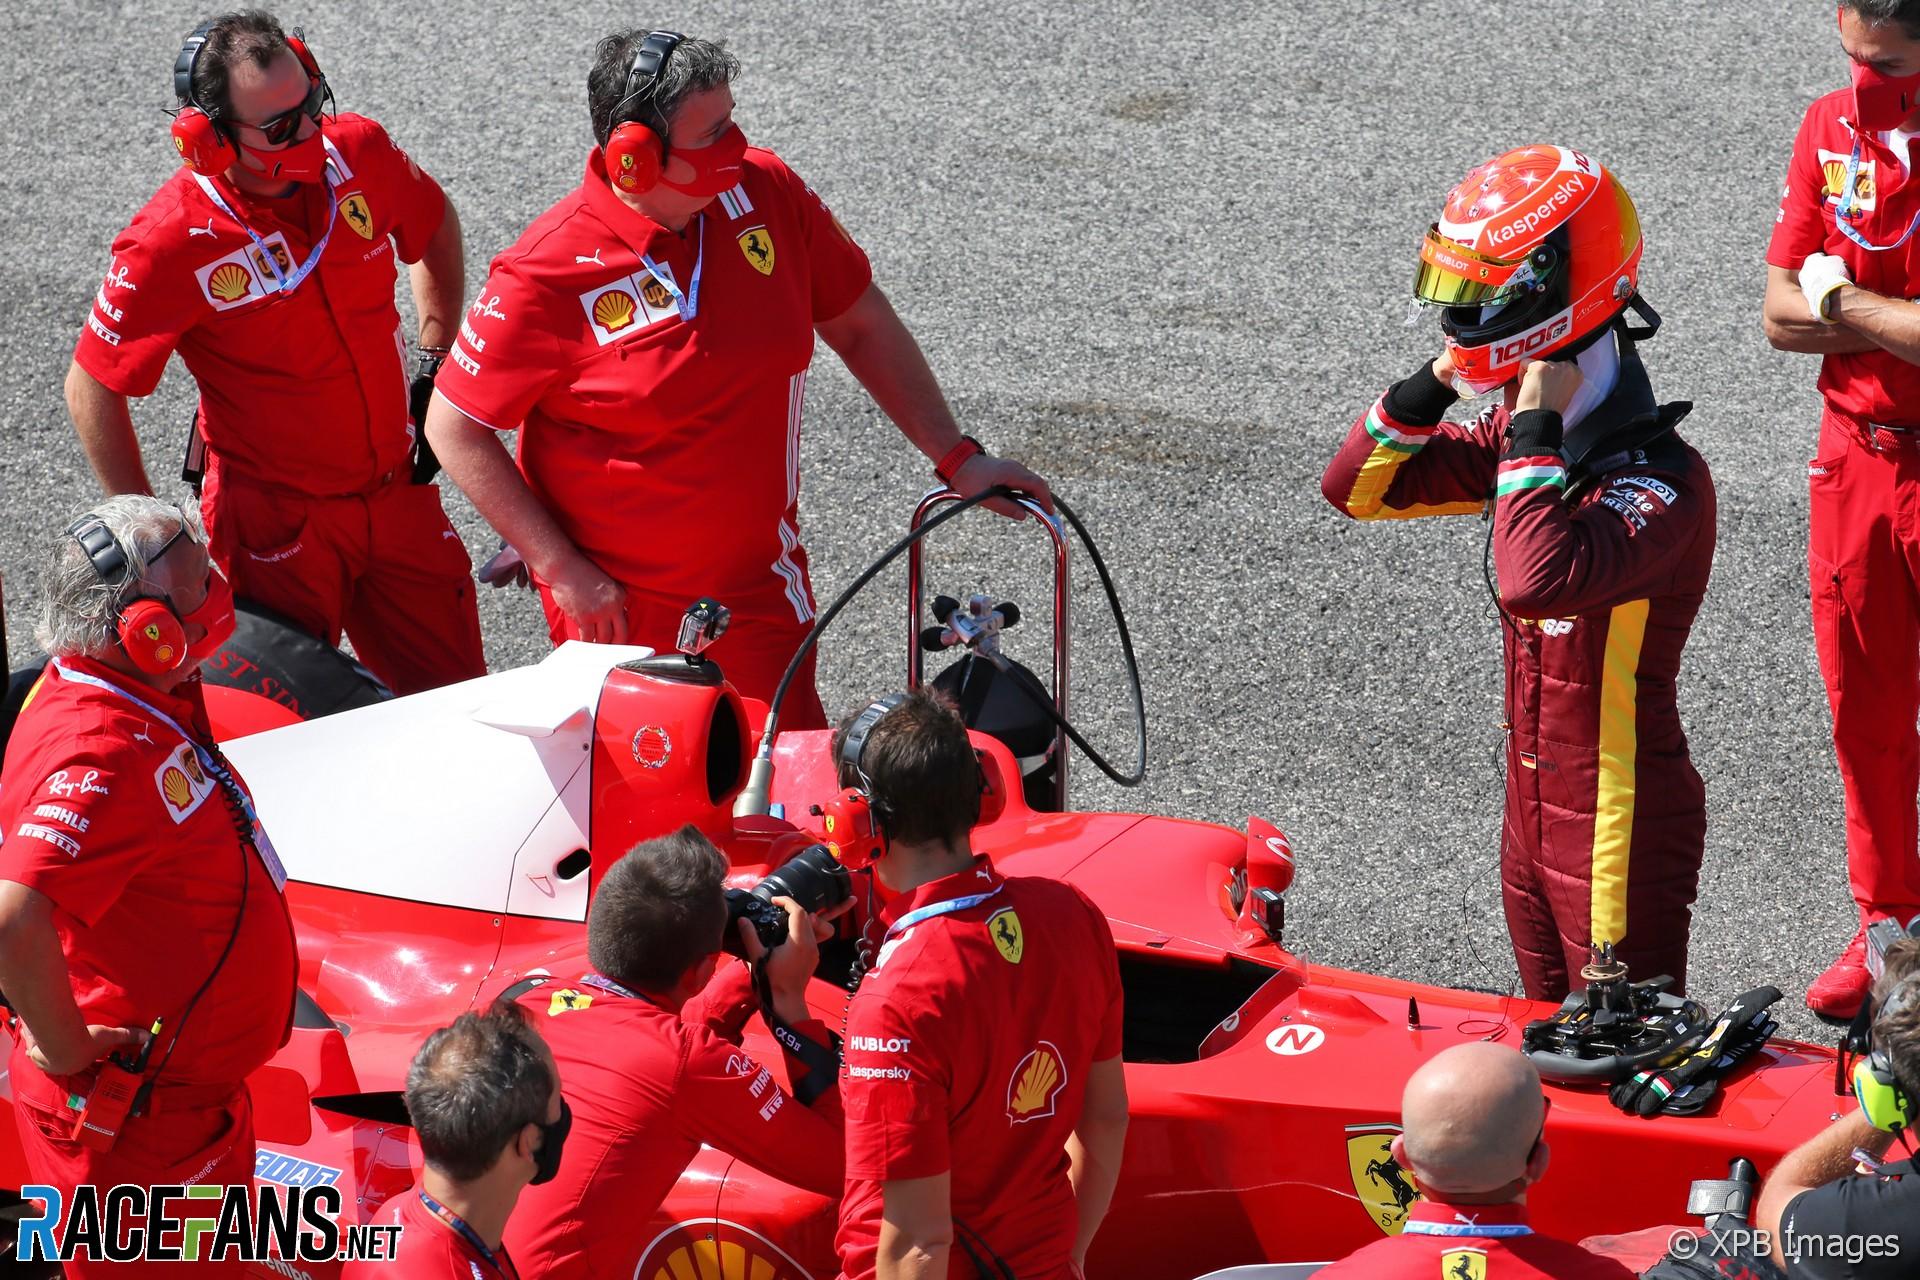 Mick Schumacher, Ferrari F2004 run, Mugello, 2020 · RaceFans